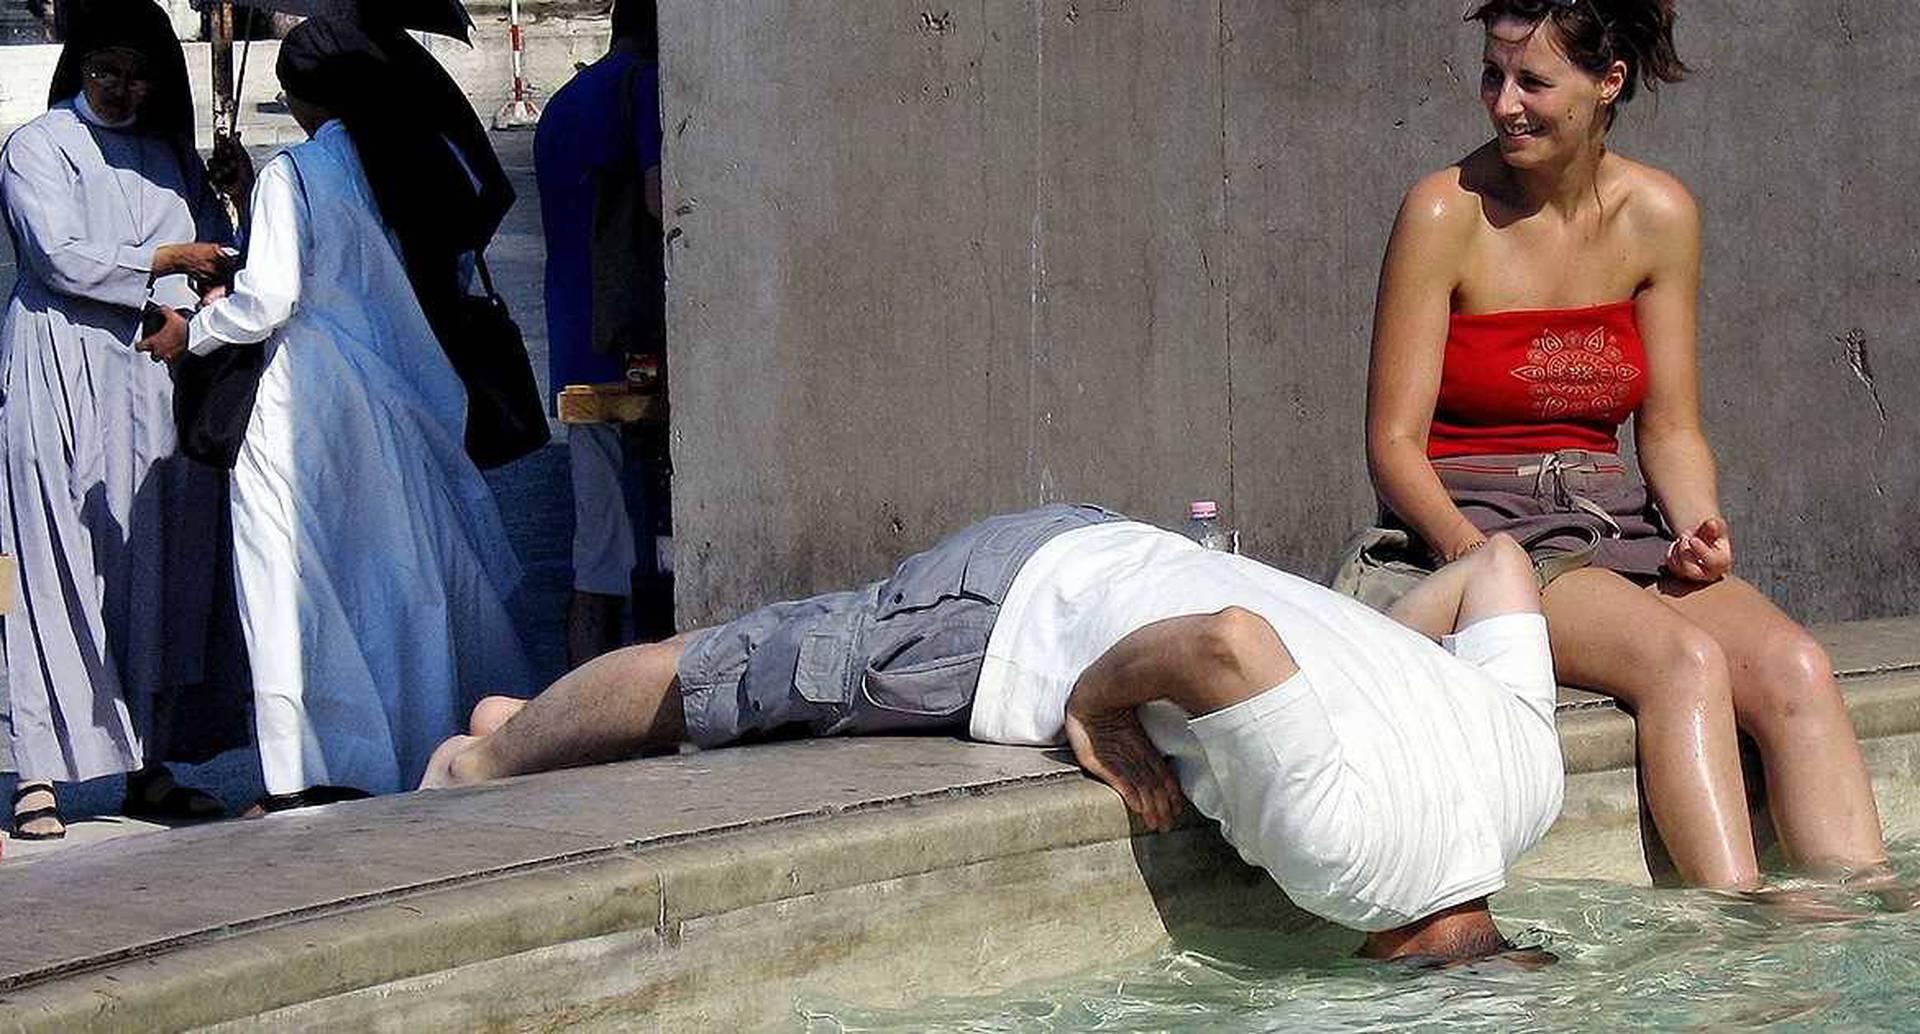 En varias ciudades europeas fueron habilitados bebederos públicos de agua para mitigar la sed de propios y turistas. Foto: archivo/Semana.